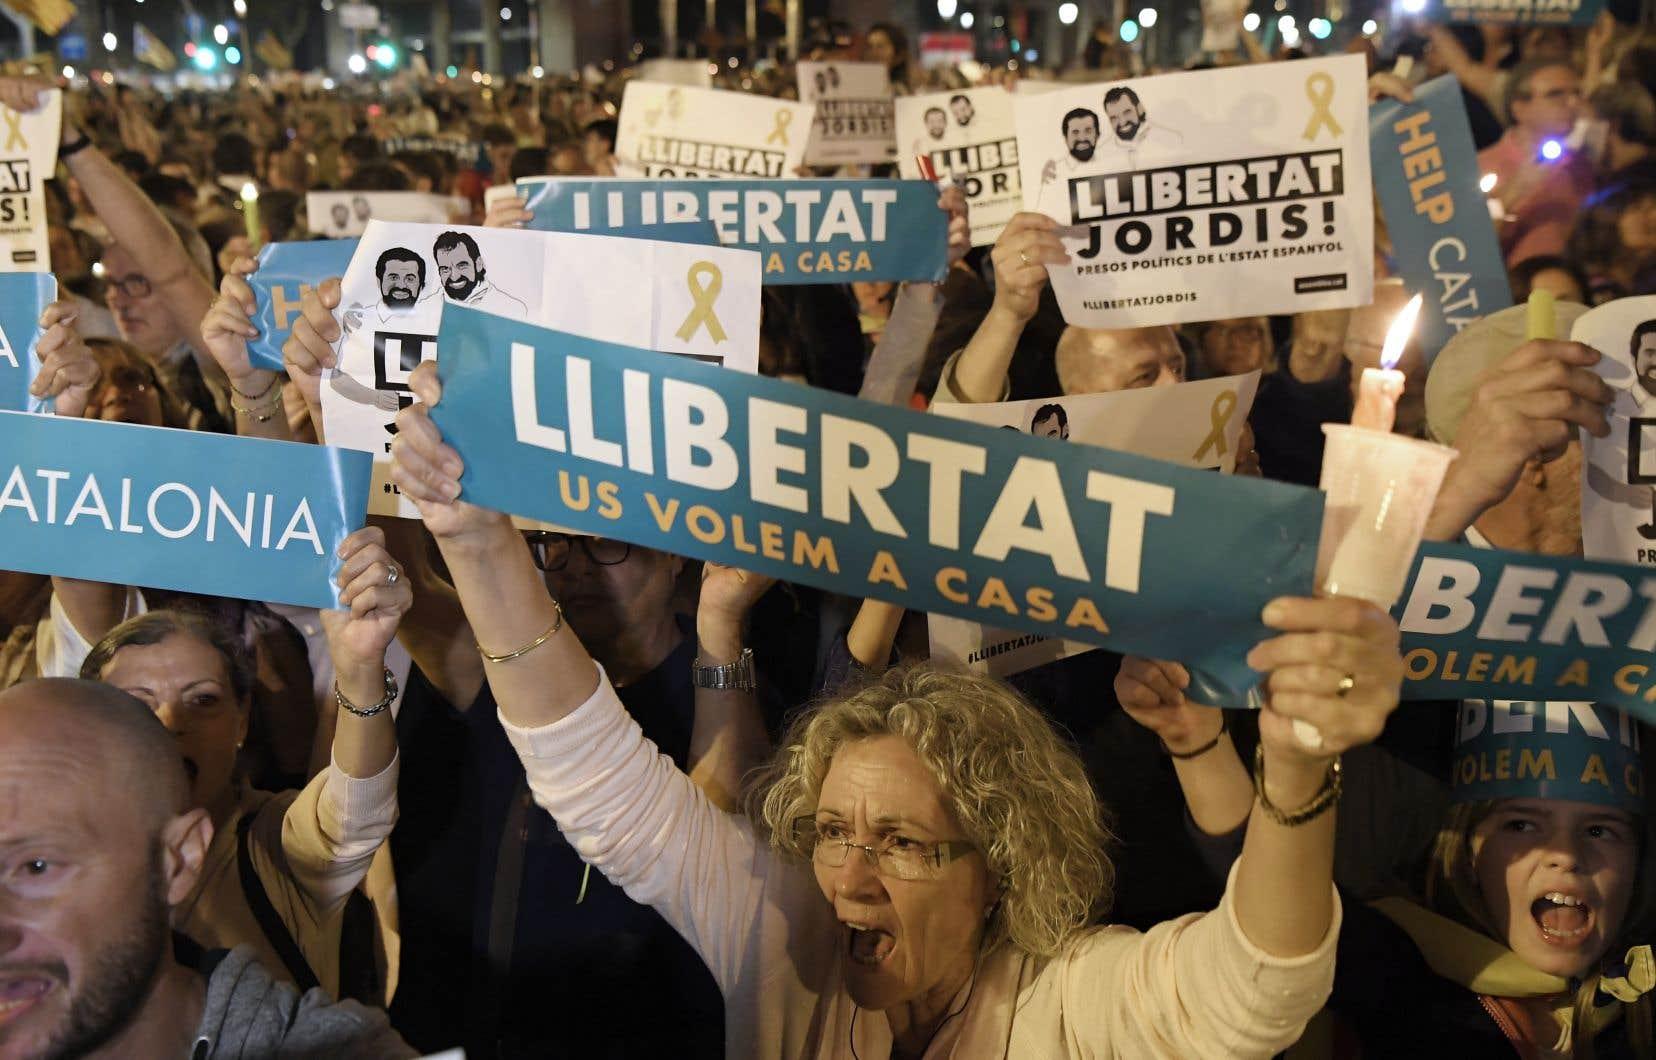 Des manifestations brandissent des pancartes en faveur de la «liberté» lors d'un rassemblement éclairé à la chandelle, mardi soir, à Barcelone.